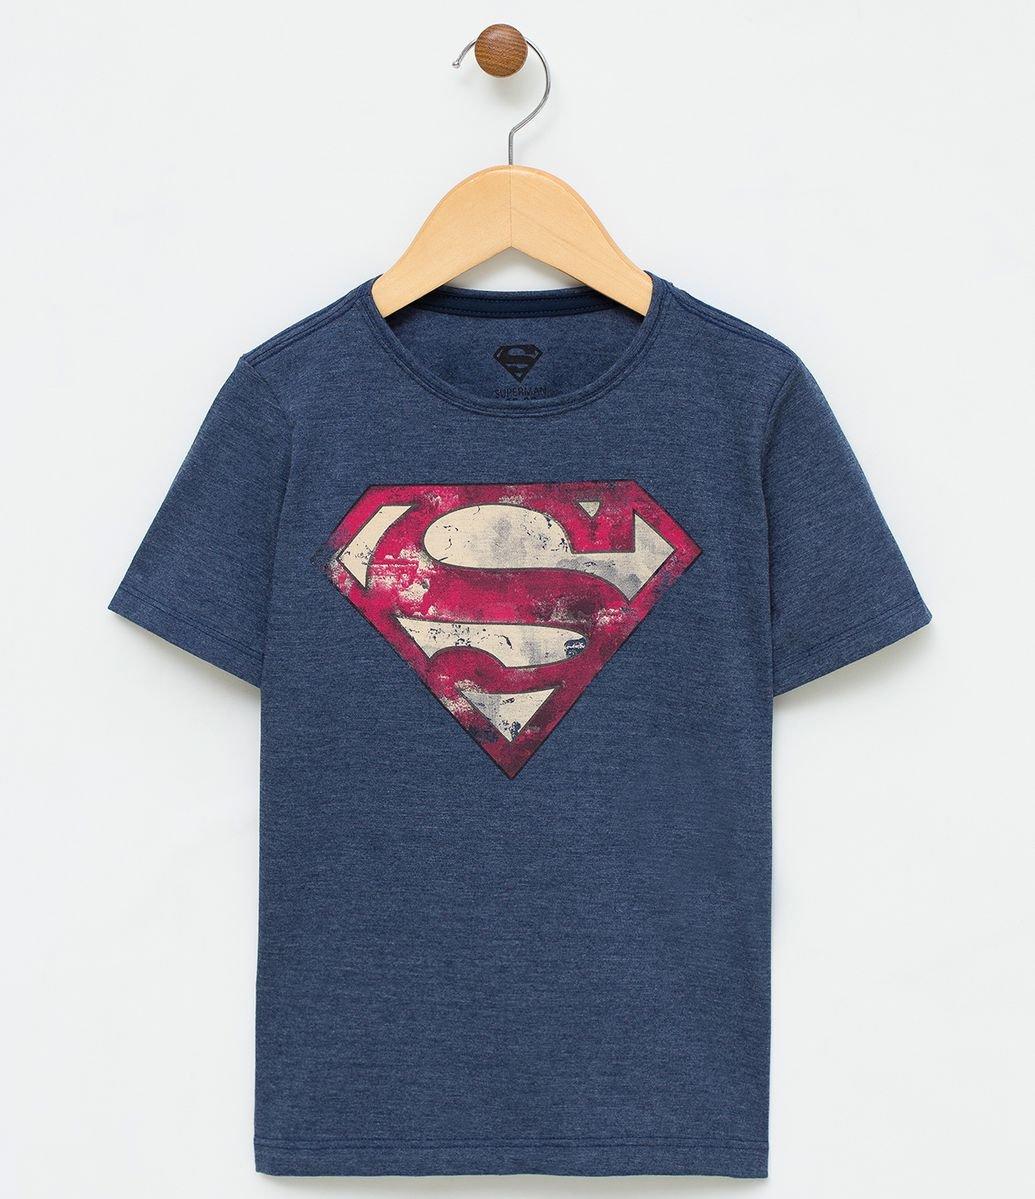 7a9eaa6b0fe7d Camiseta Infantil Estampa Super-Homem - Tam 2 a 14 - Renner